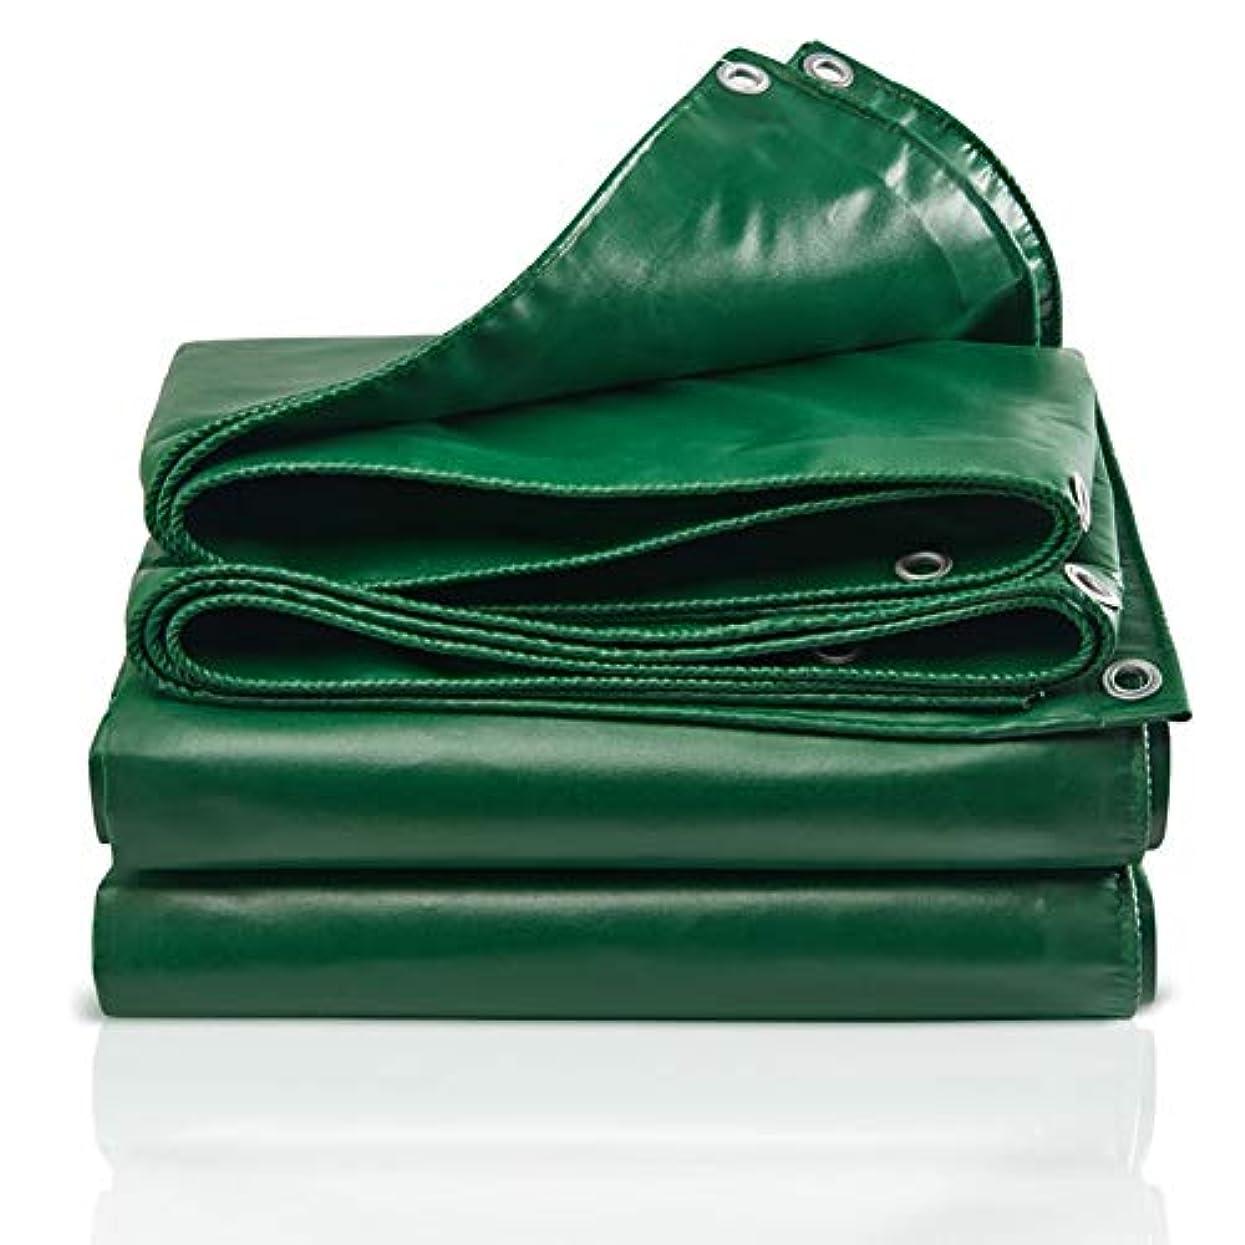 測る口メニューLIXIONG オーニング屋外の PVC 防雨布 シェード 絶縁 折りやすい 防水シート、 12サイズ (色 : 緑, サイズ さいず : 6.8×4.8m)